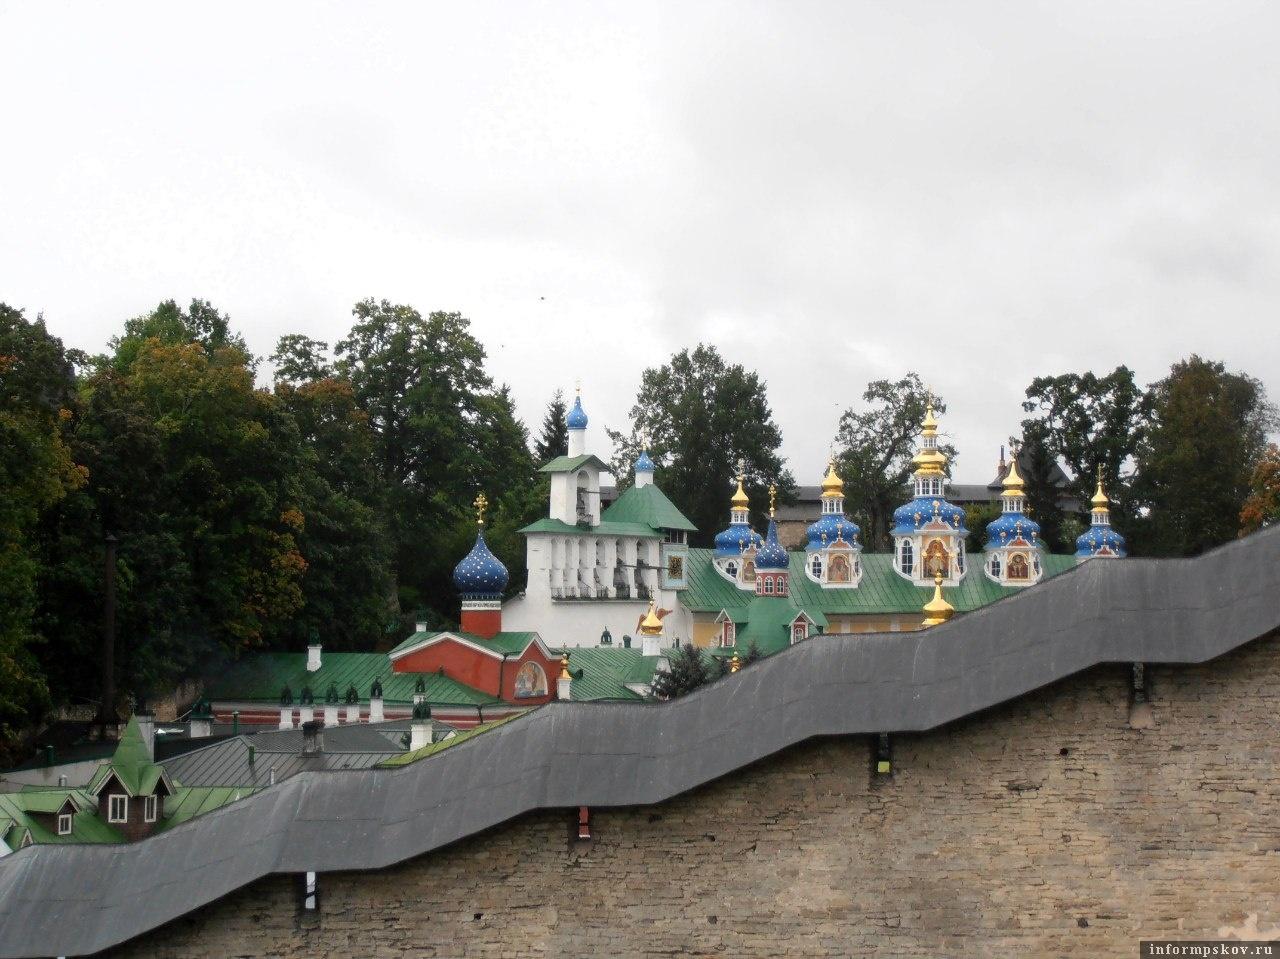 Фото: Виталий Дементьев